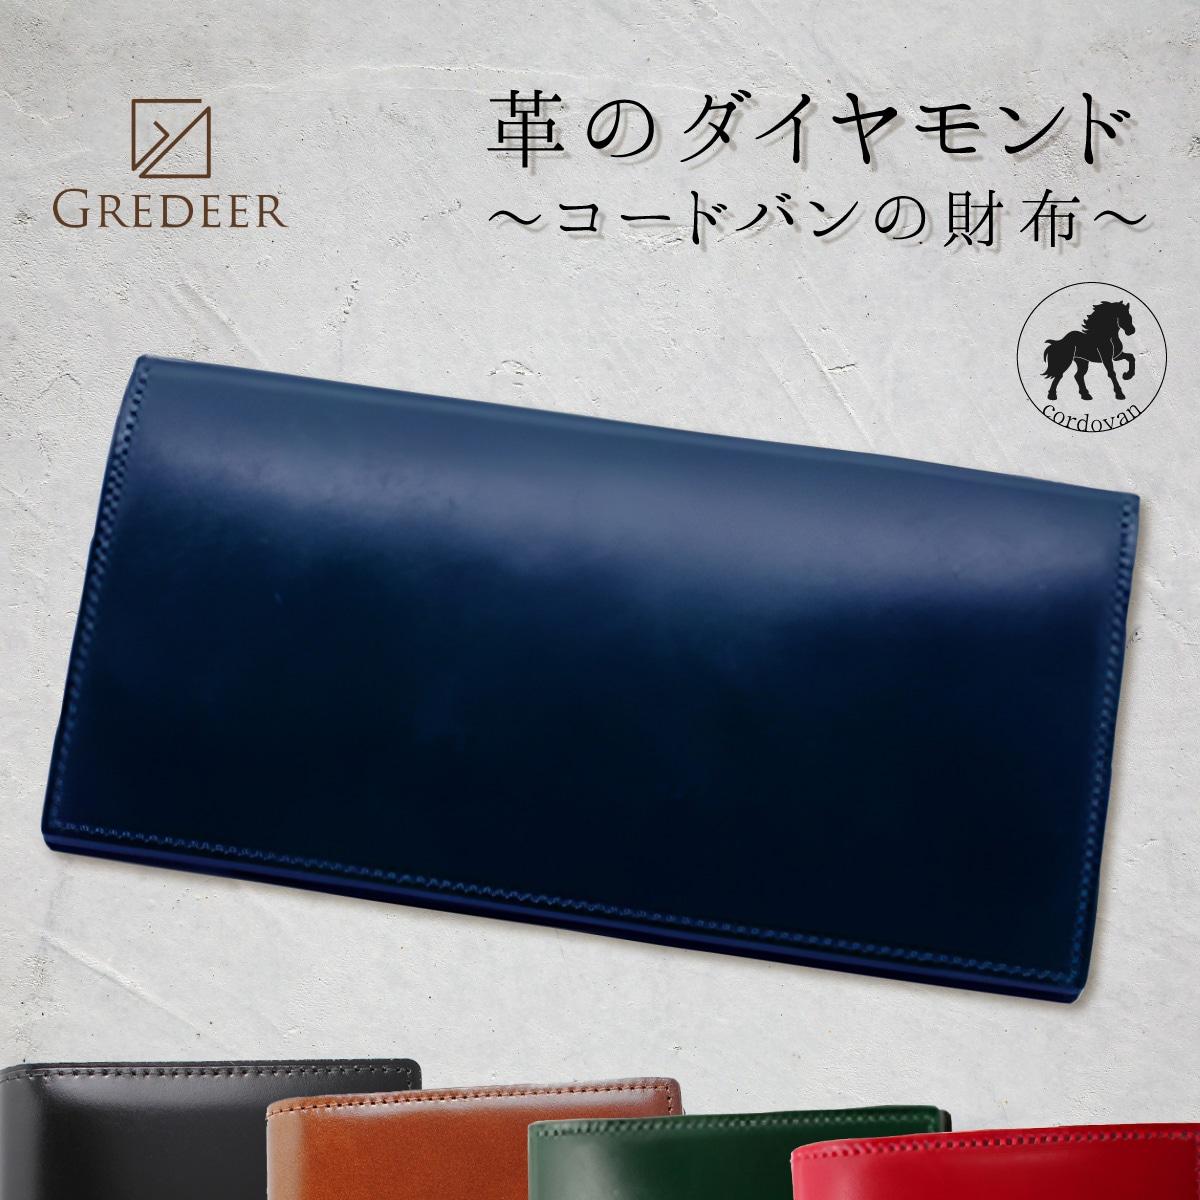 馬革(コードバン)のプレミアム財布 GREDEER コードバン 長財布 【カラー:ブルー】 開運グッズ